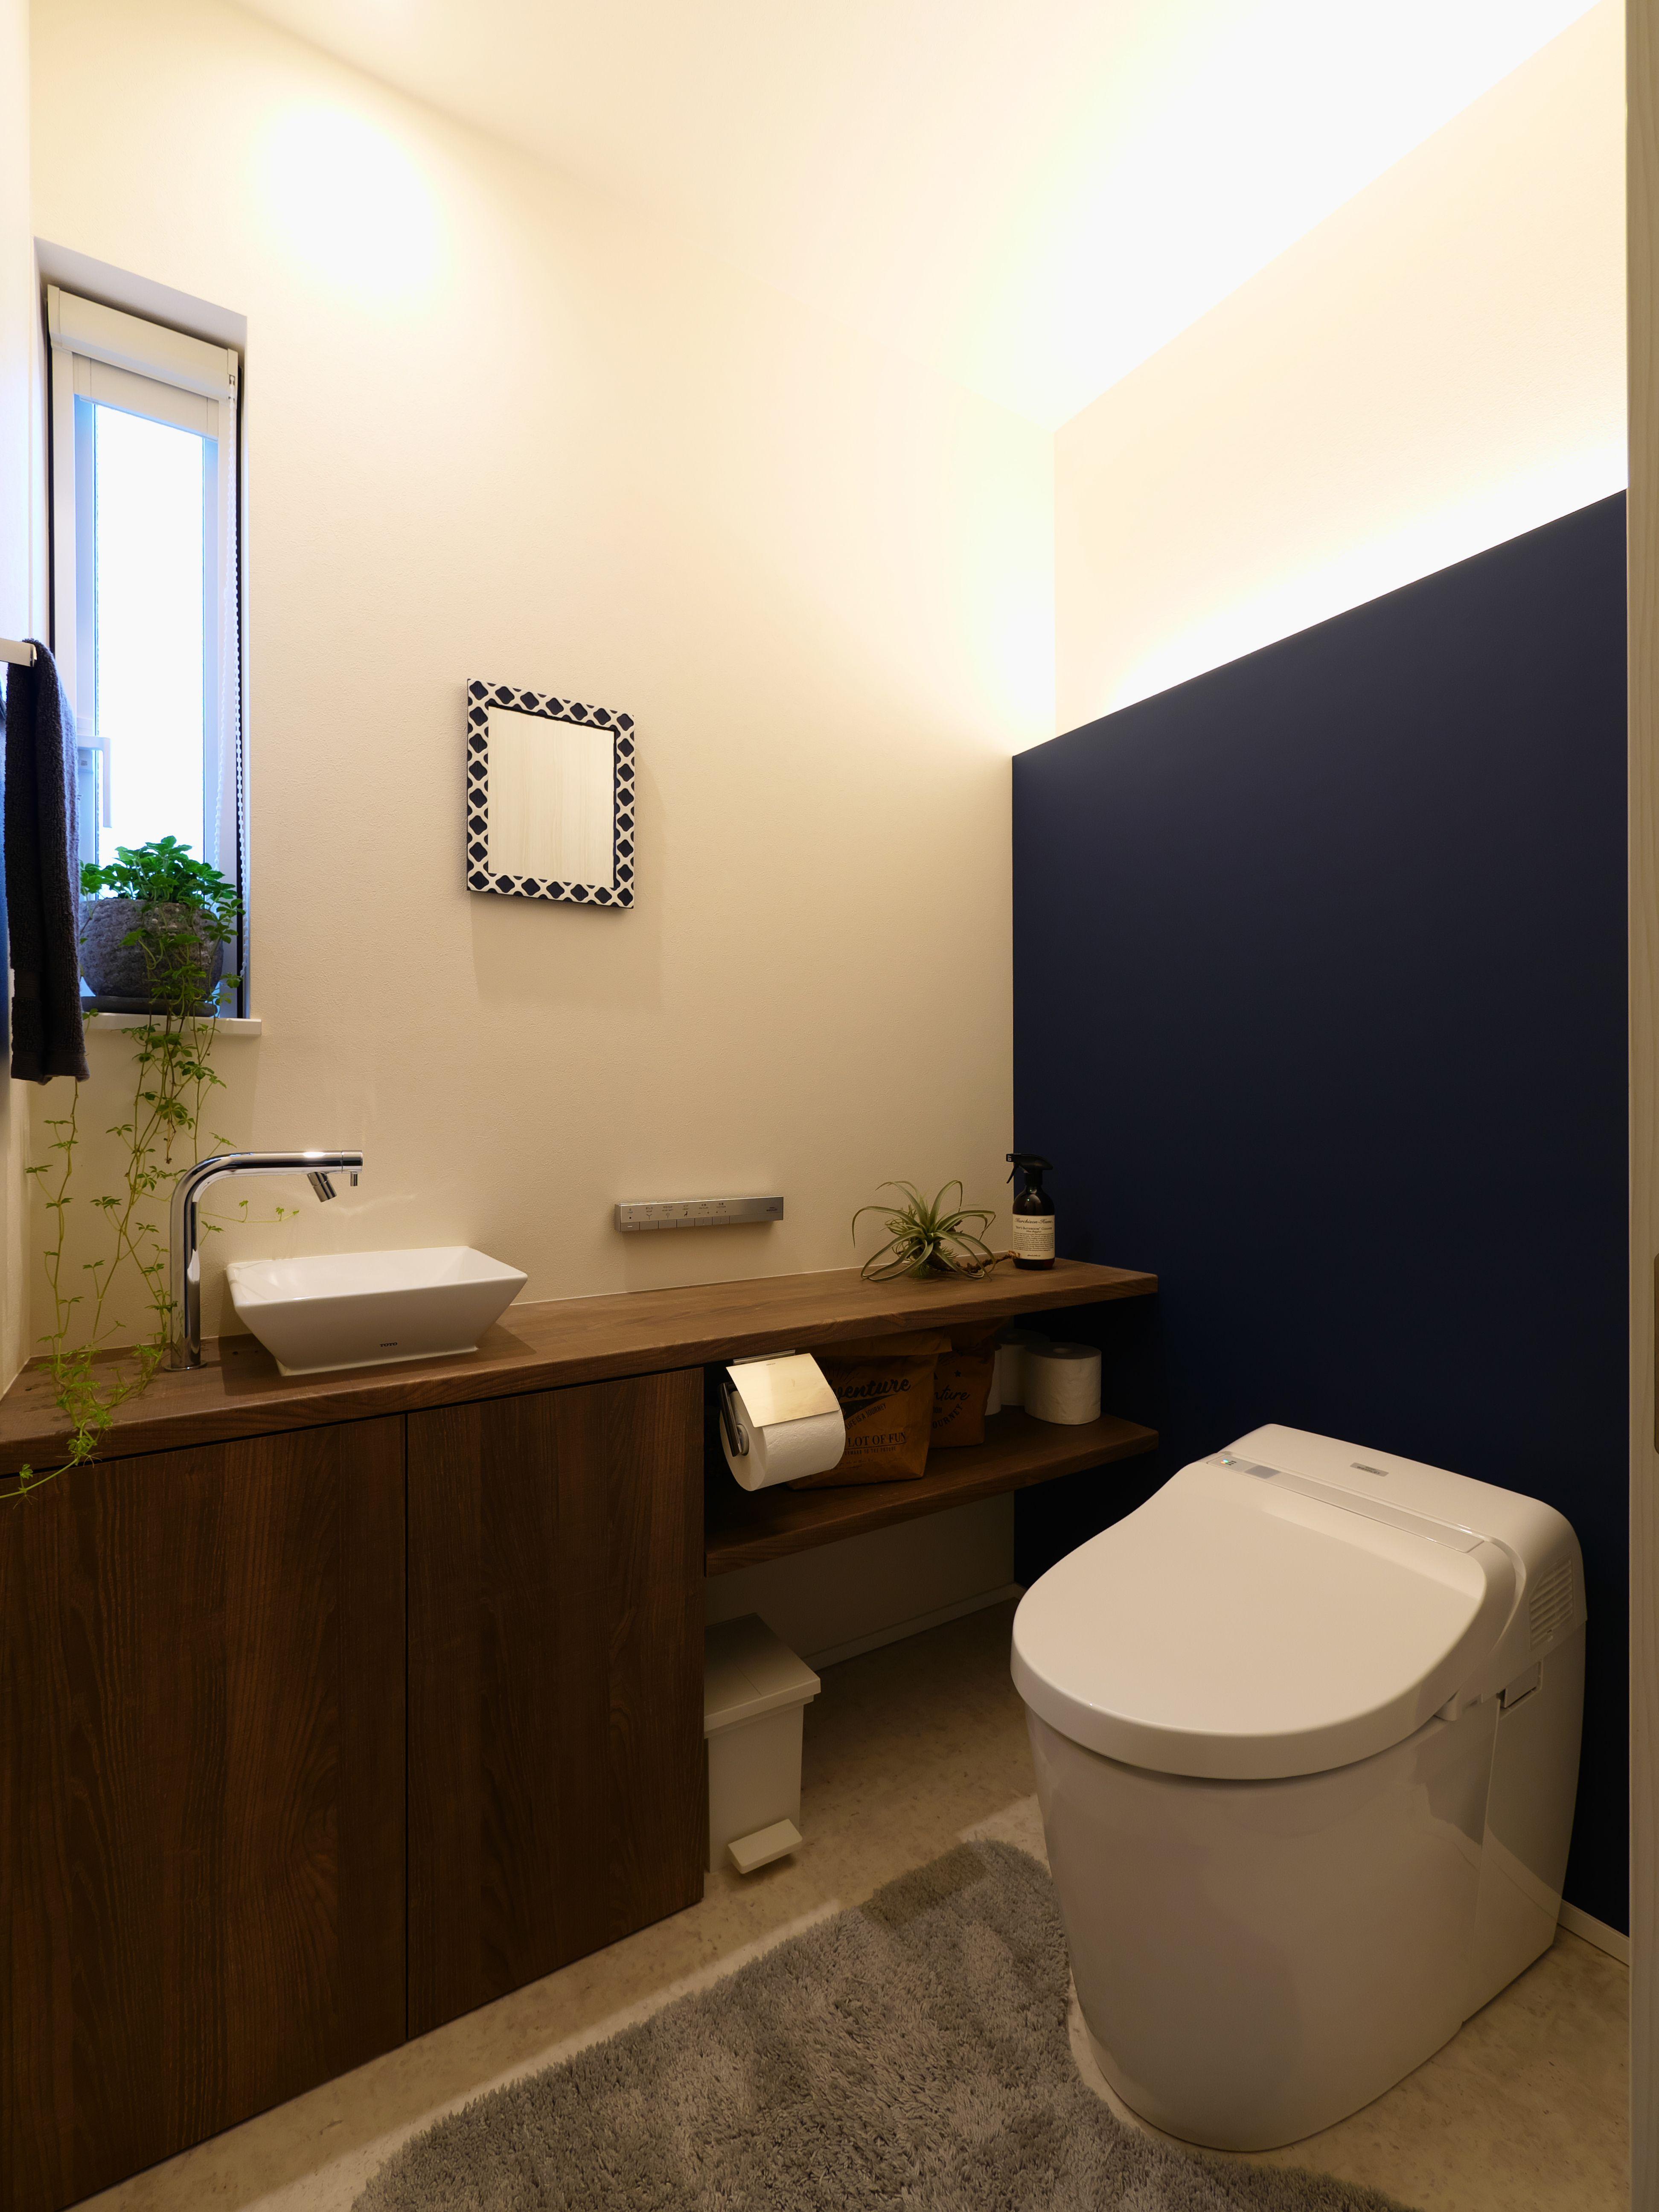 横幅をゆったりと広くとったトイレは 白とネイビーと木目の3つの色合わせ 間接照明で雰囲気がガラリと変わります クッションフロア サンゲツ Hm 6007 アクセントクロス リリカラ Lw 2585 カウンター収納 扉 アイカ工業 メラミンポストフォ